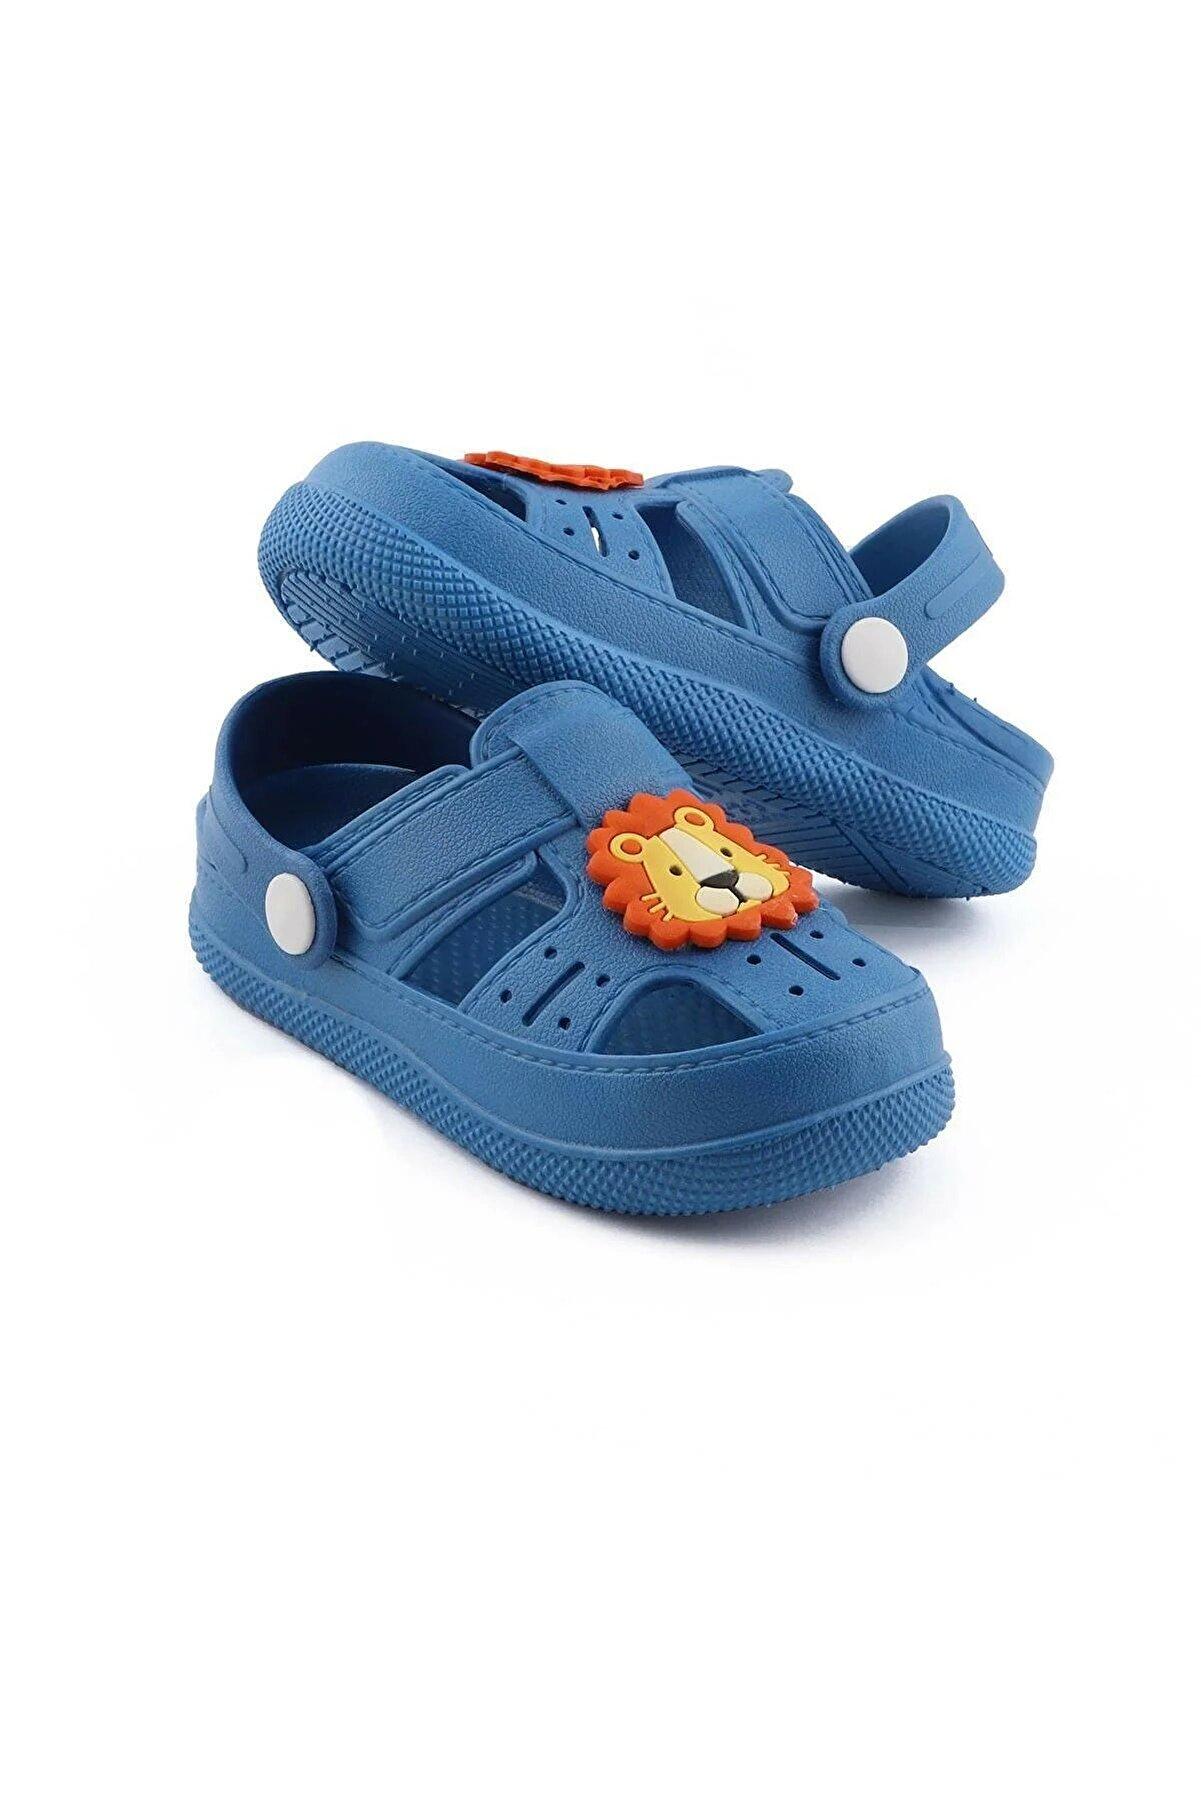 Daye Bk1001 Kaydırmaz Aslan Desenli Çocuk Sandalet Terlik